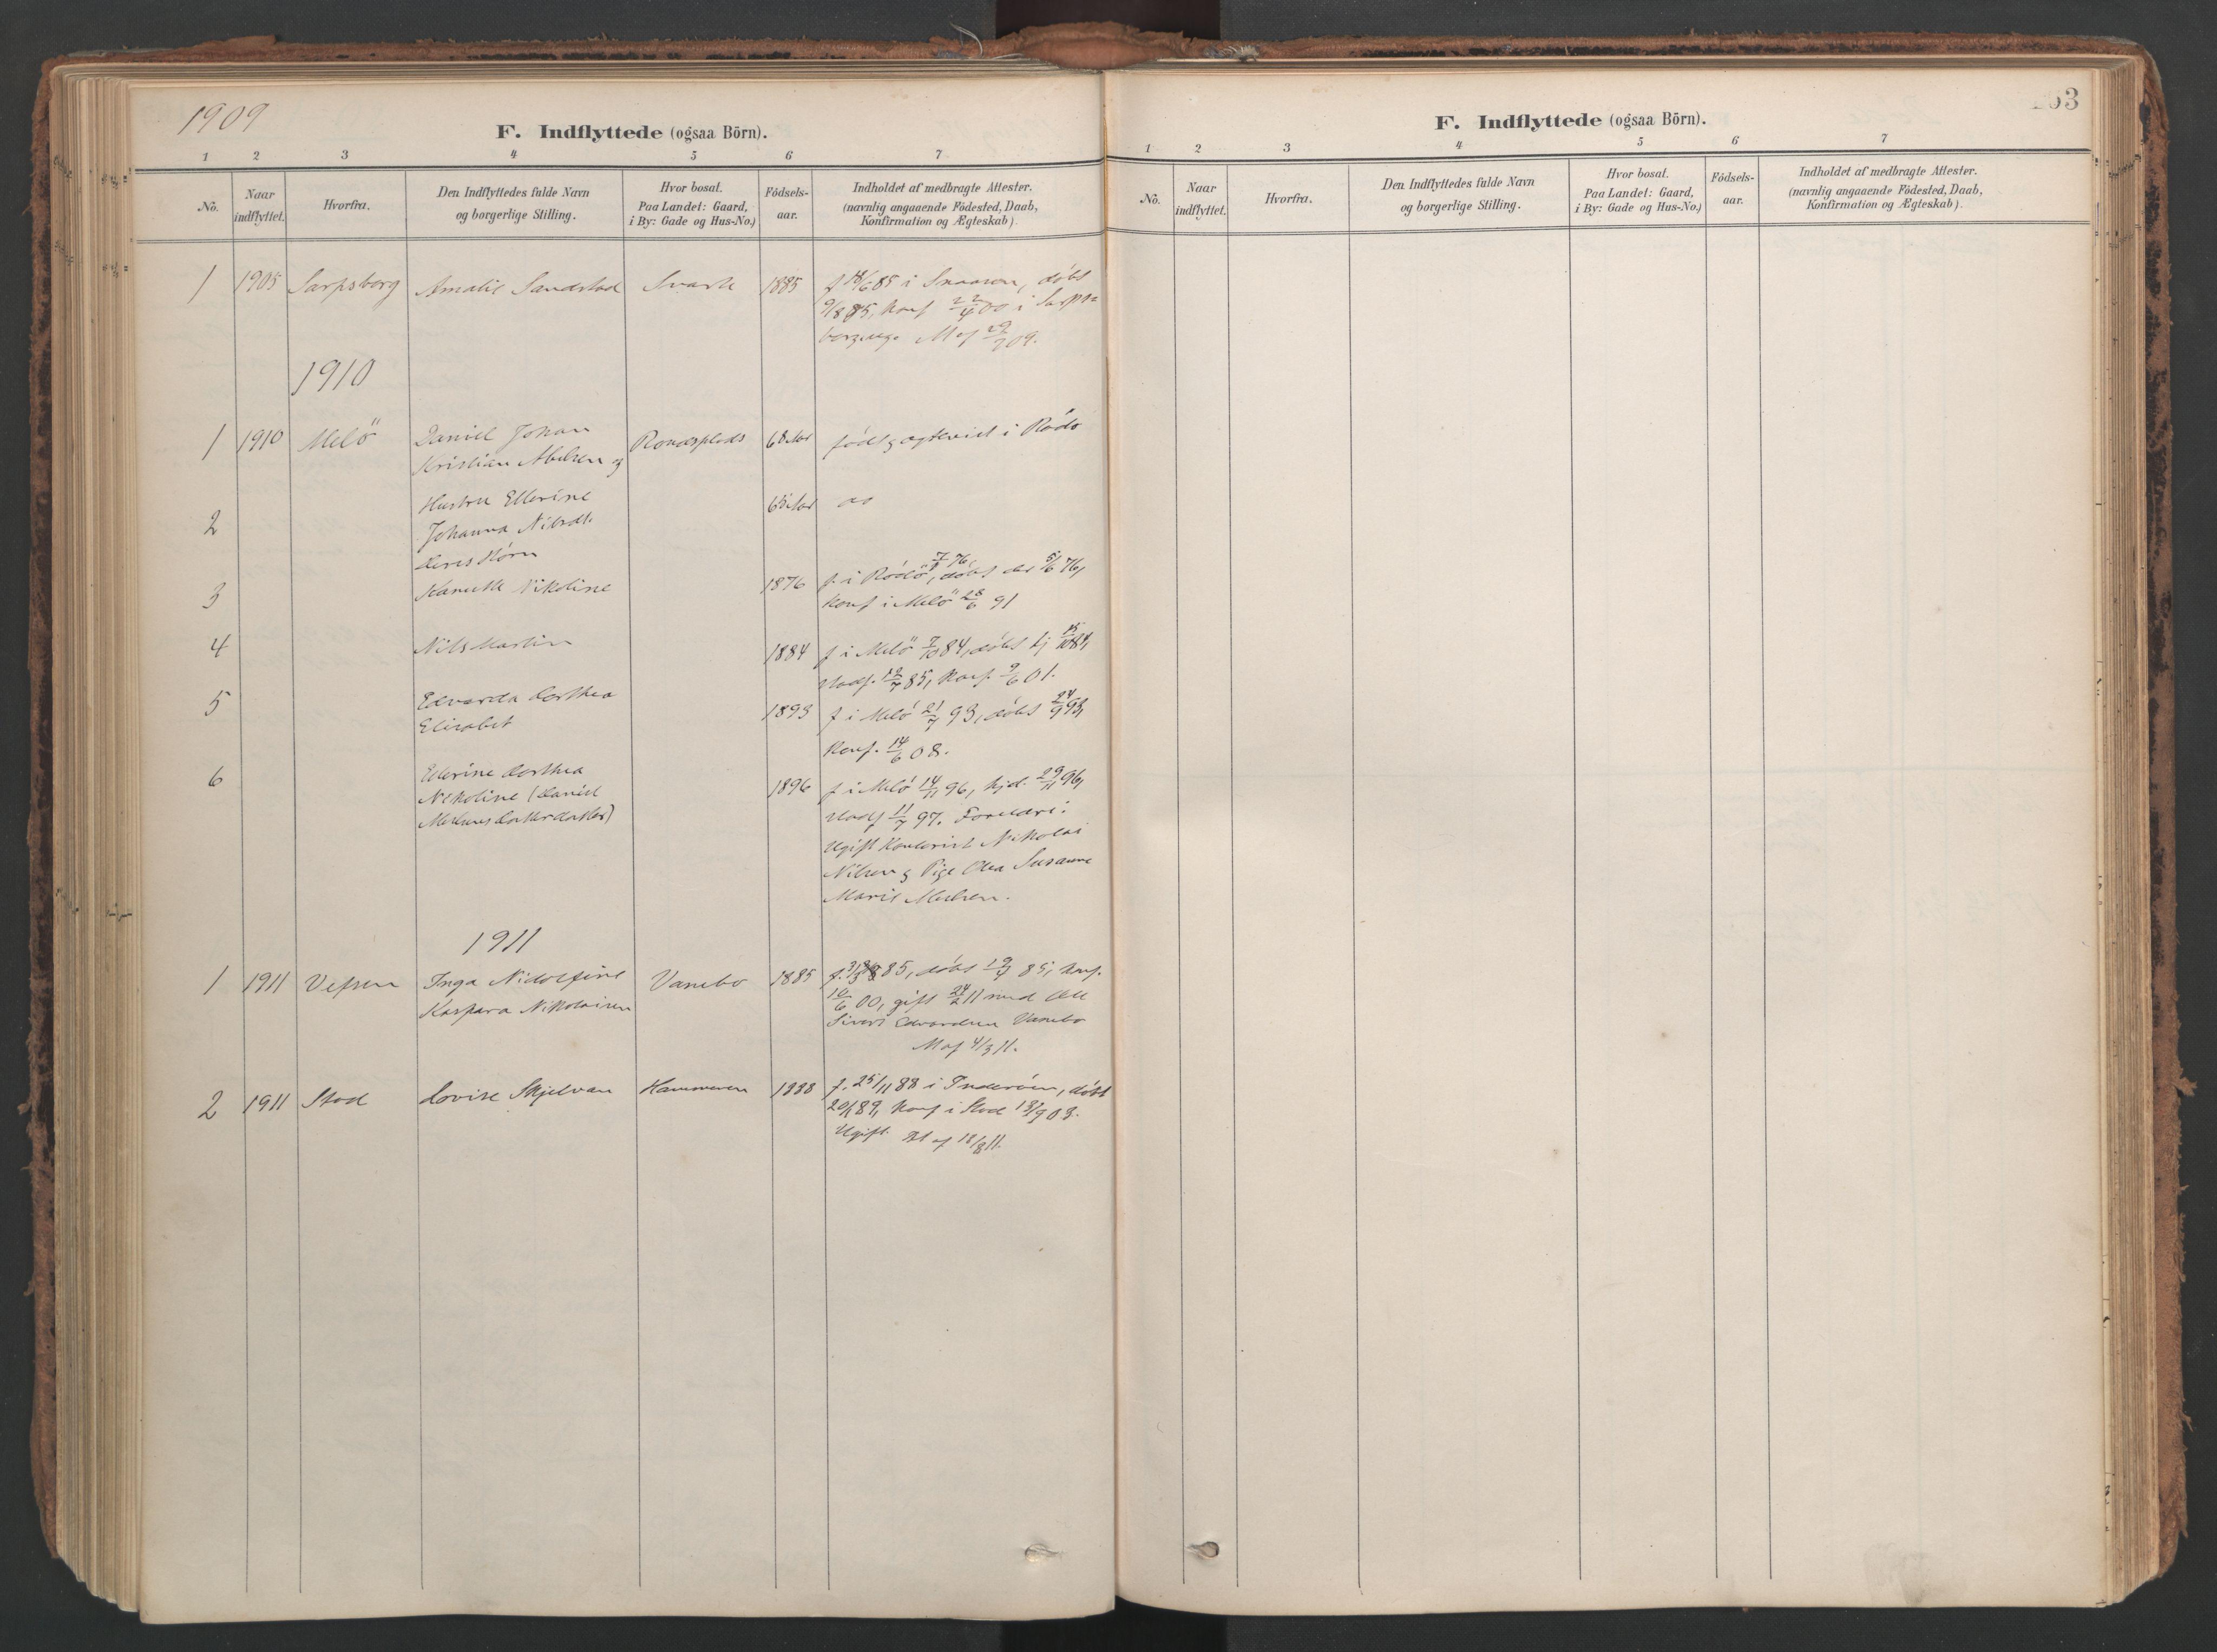 SAT, Ministerialprotokoller, klokkerbøker og fødselsregistre - Nord-Trøndelag, 741/L0397: Ministerialbok nr. 741A11, 1901-1911, s. 163